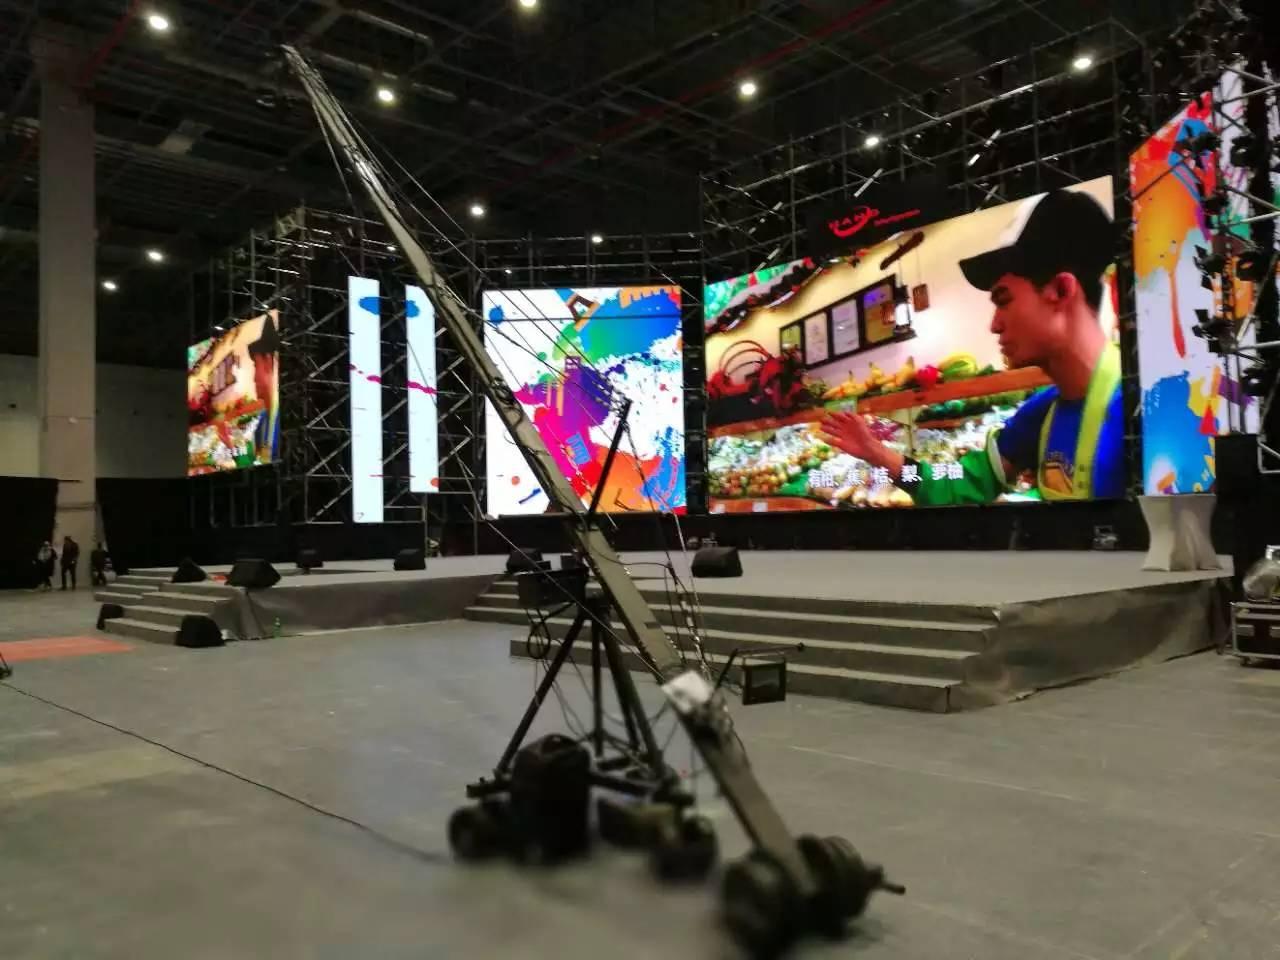 专业EFP迅道,摇臂摄像,摄影摄像,导播台,大合影,宣传片